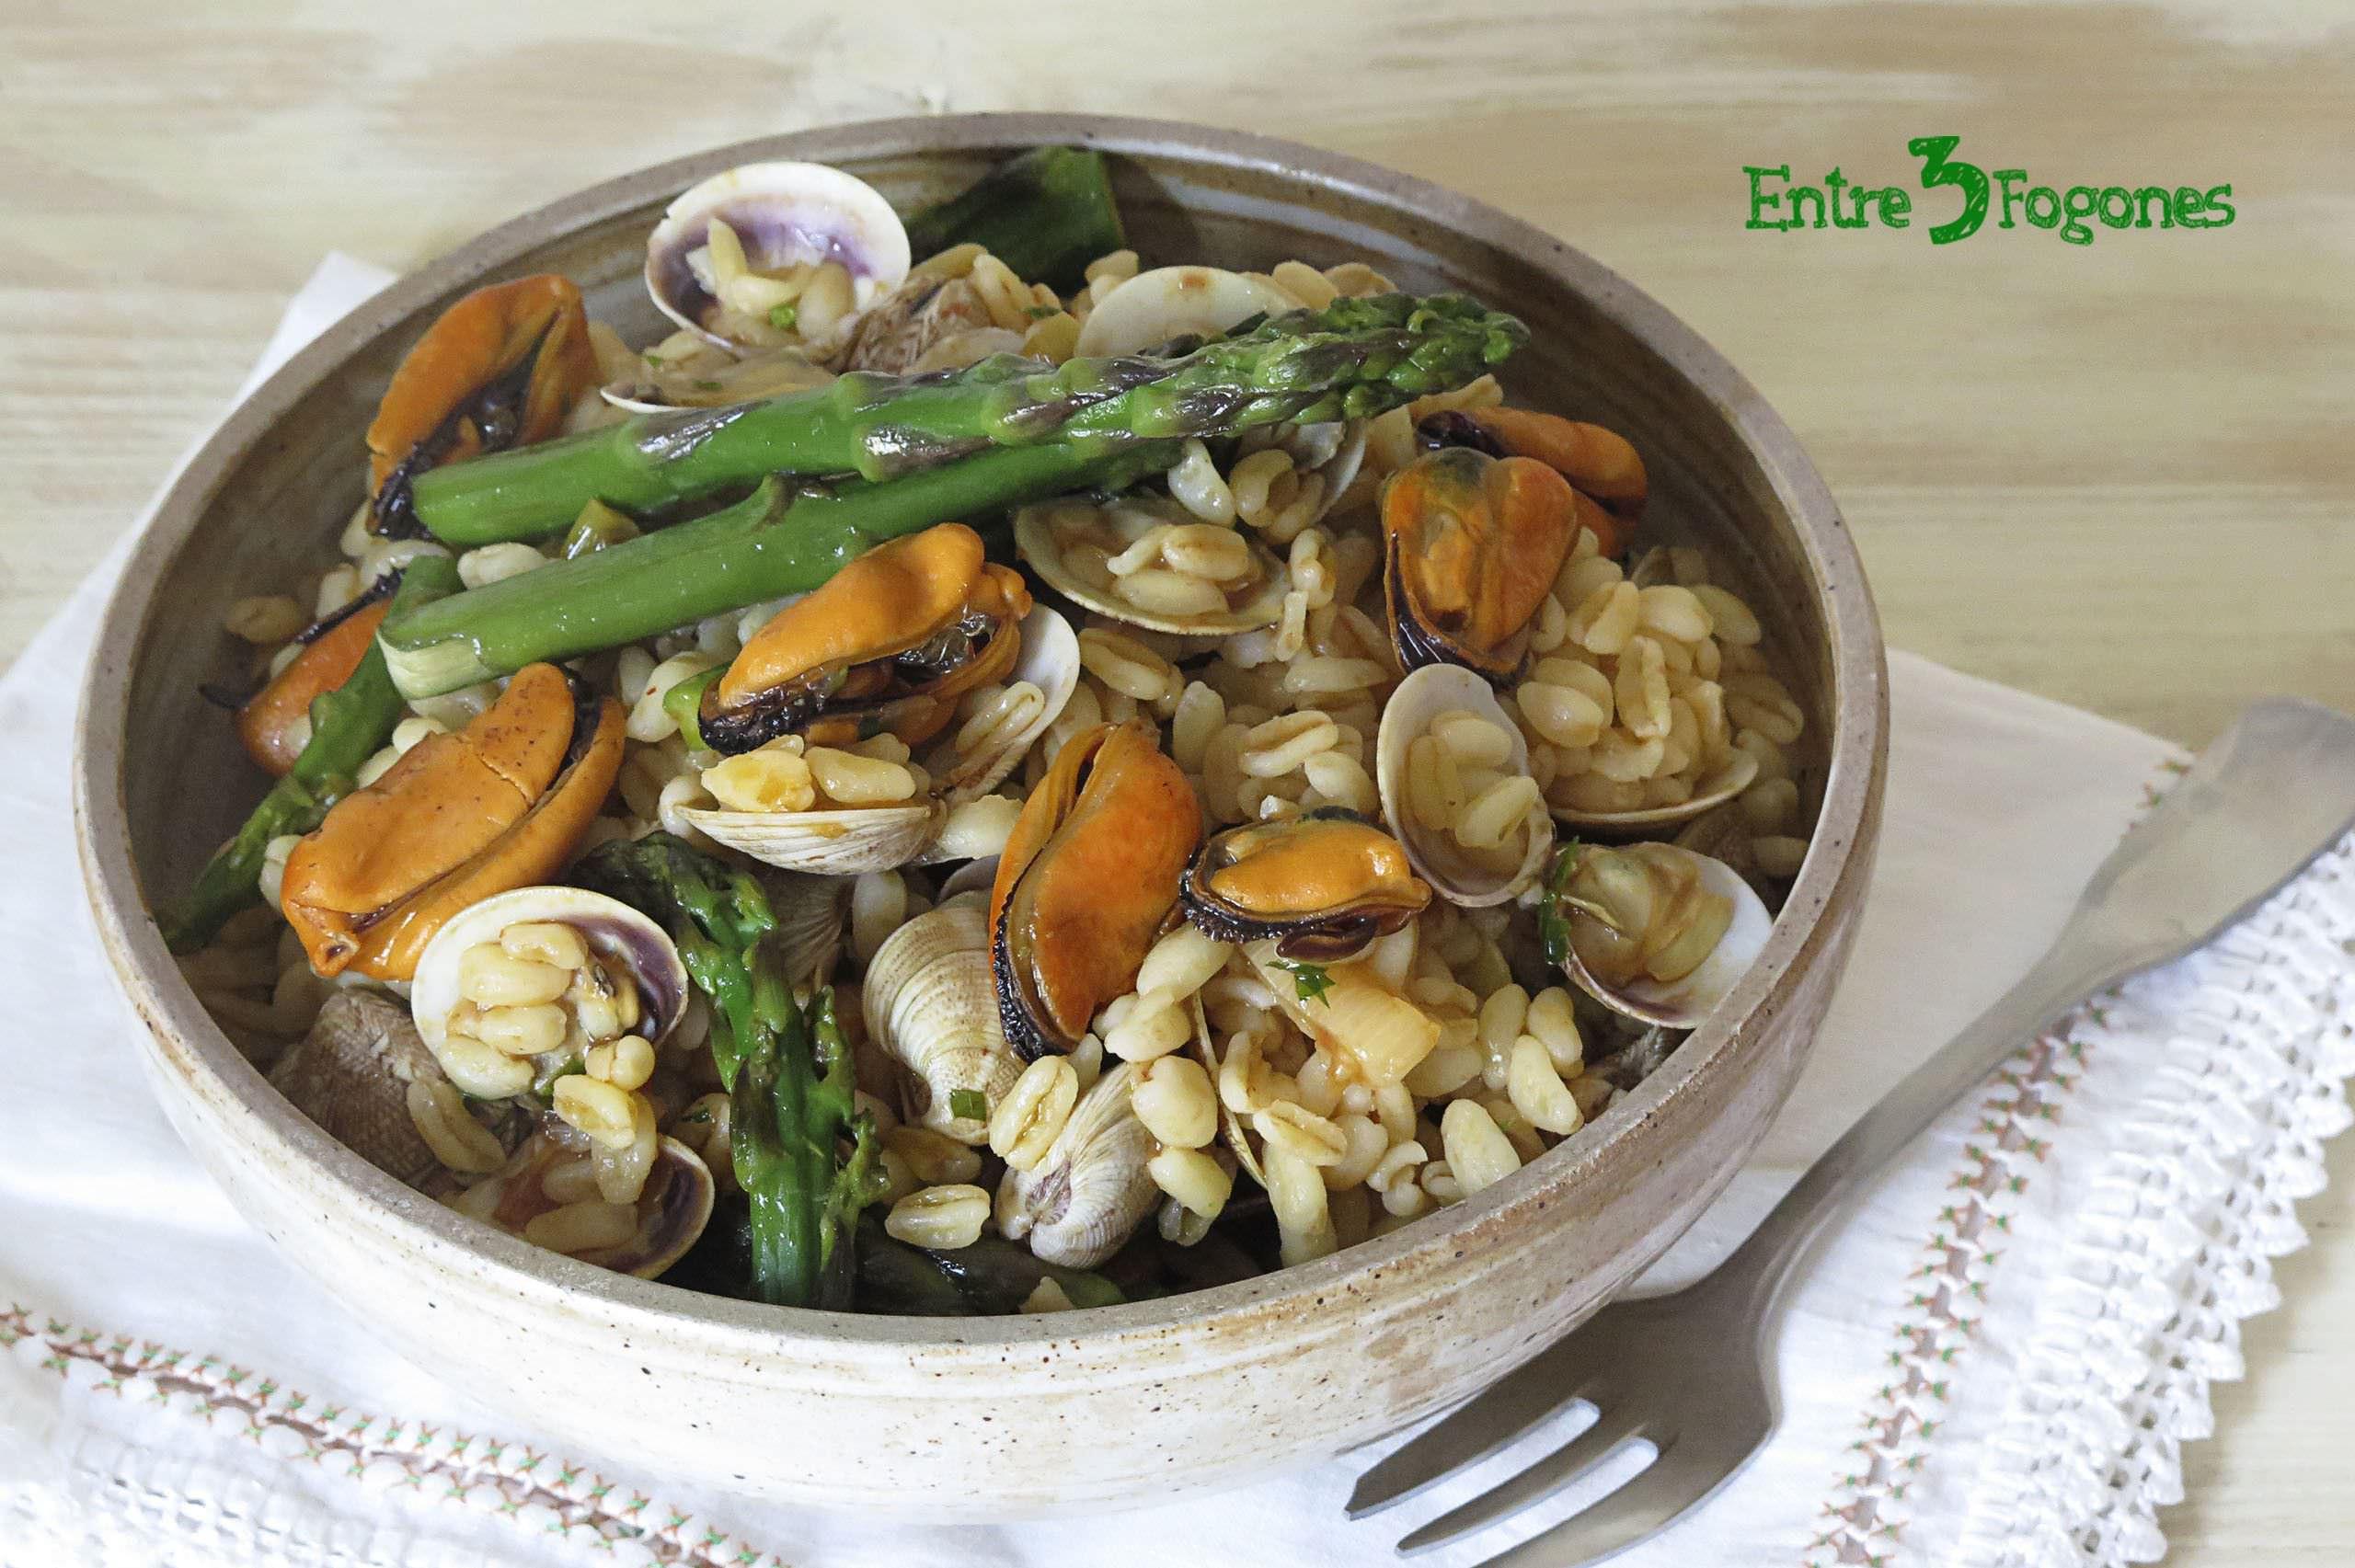 Receta Ensalada de Trigo con Espárragos Verdes y Frutos del Mar